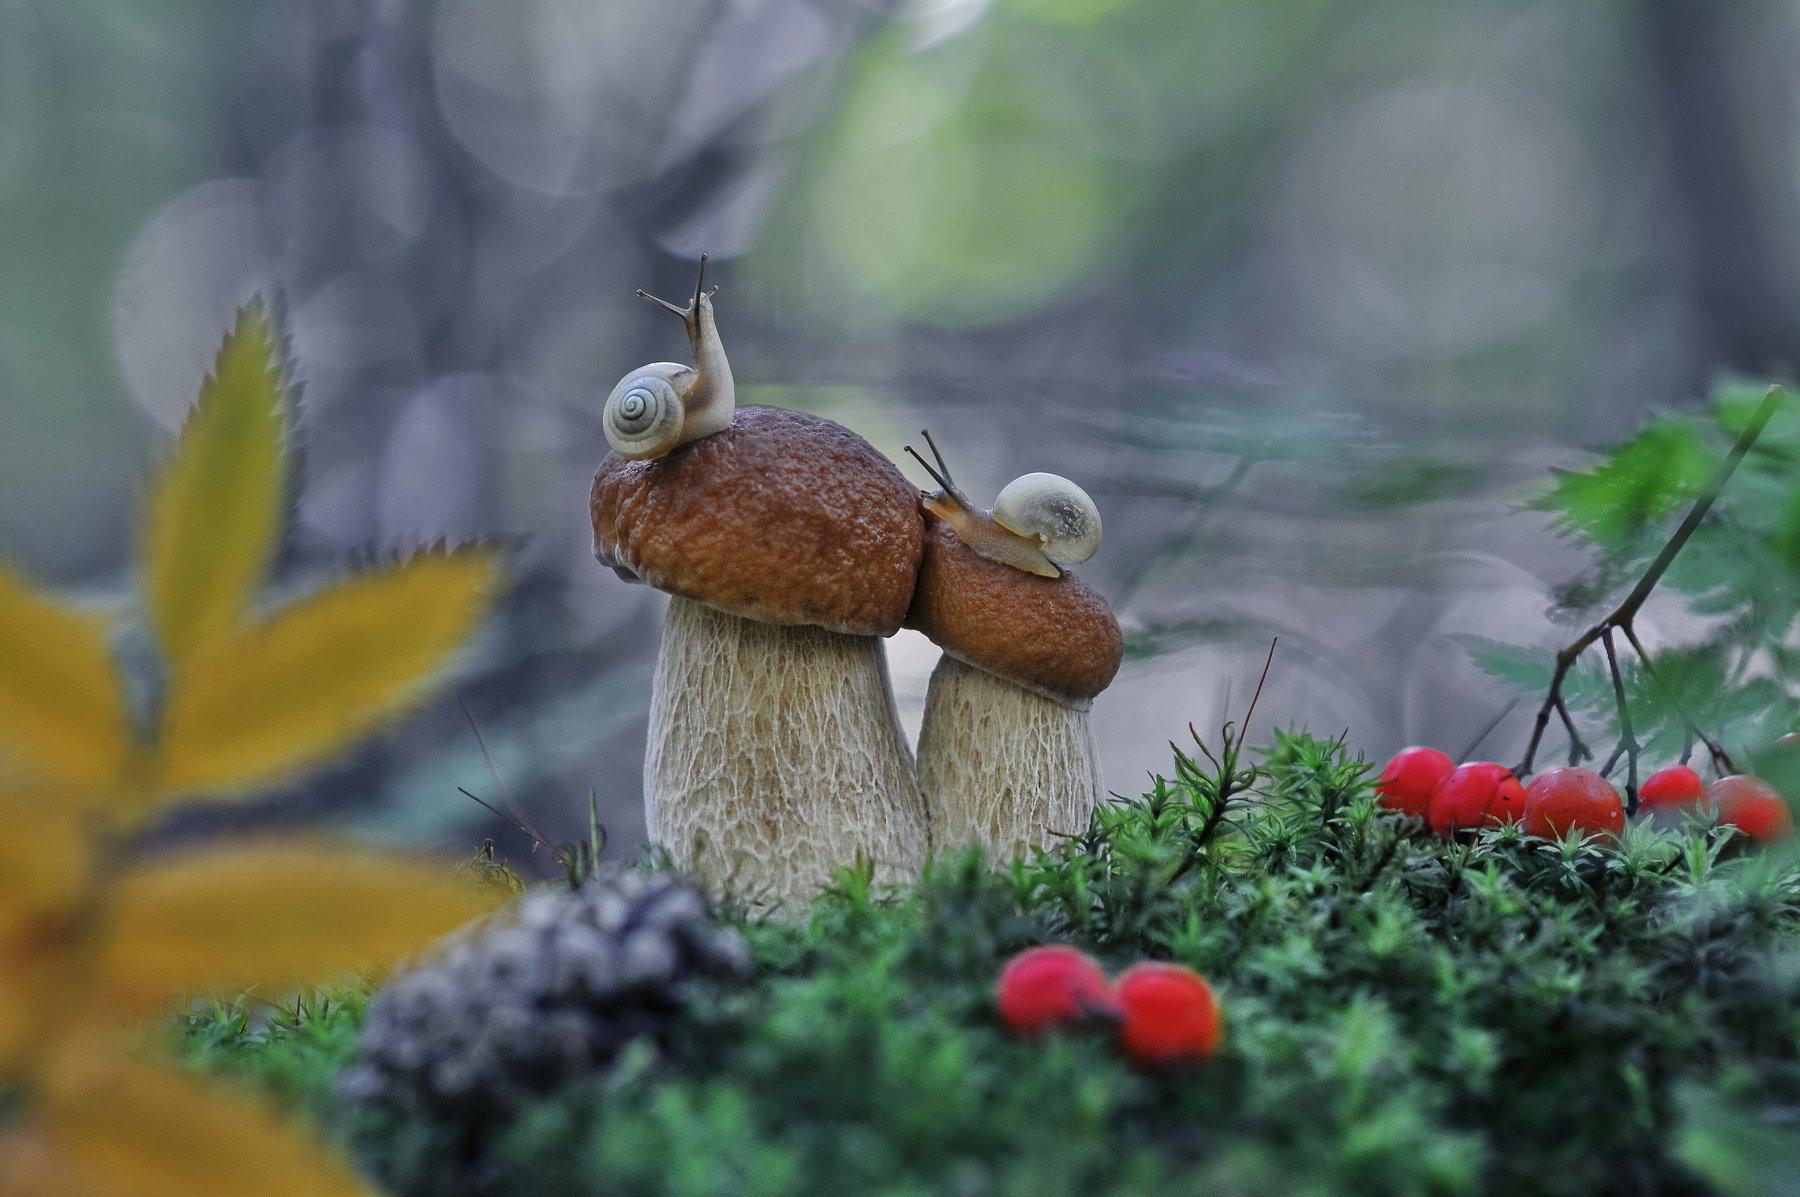 грибы, улитки, Александр Гвоздь